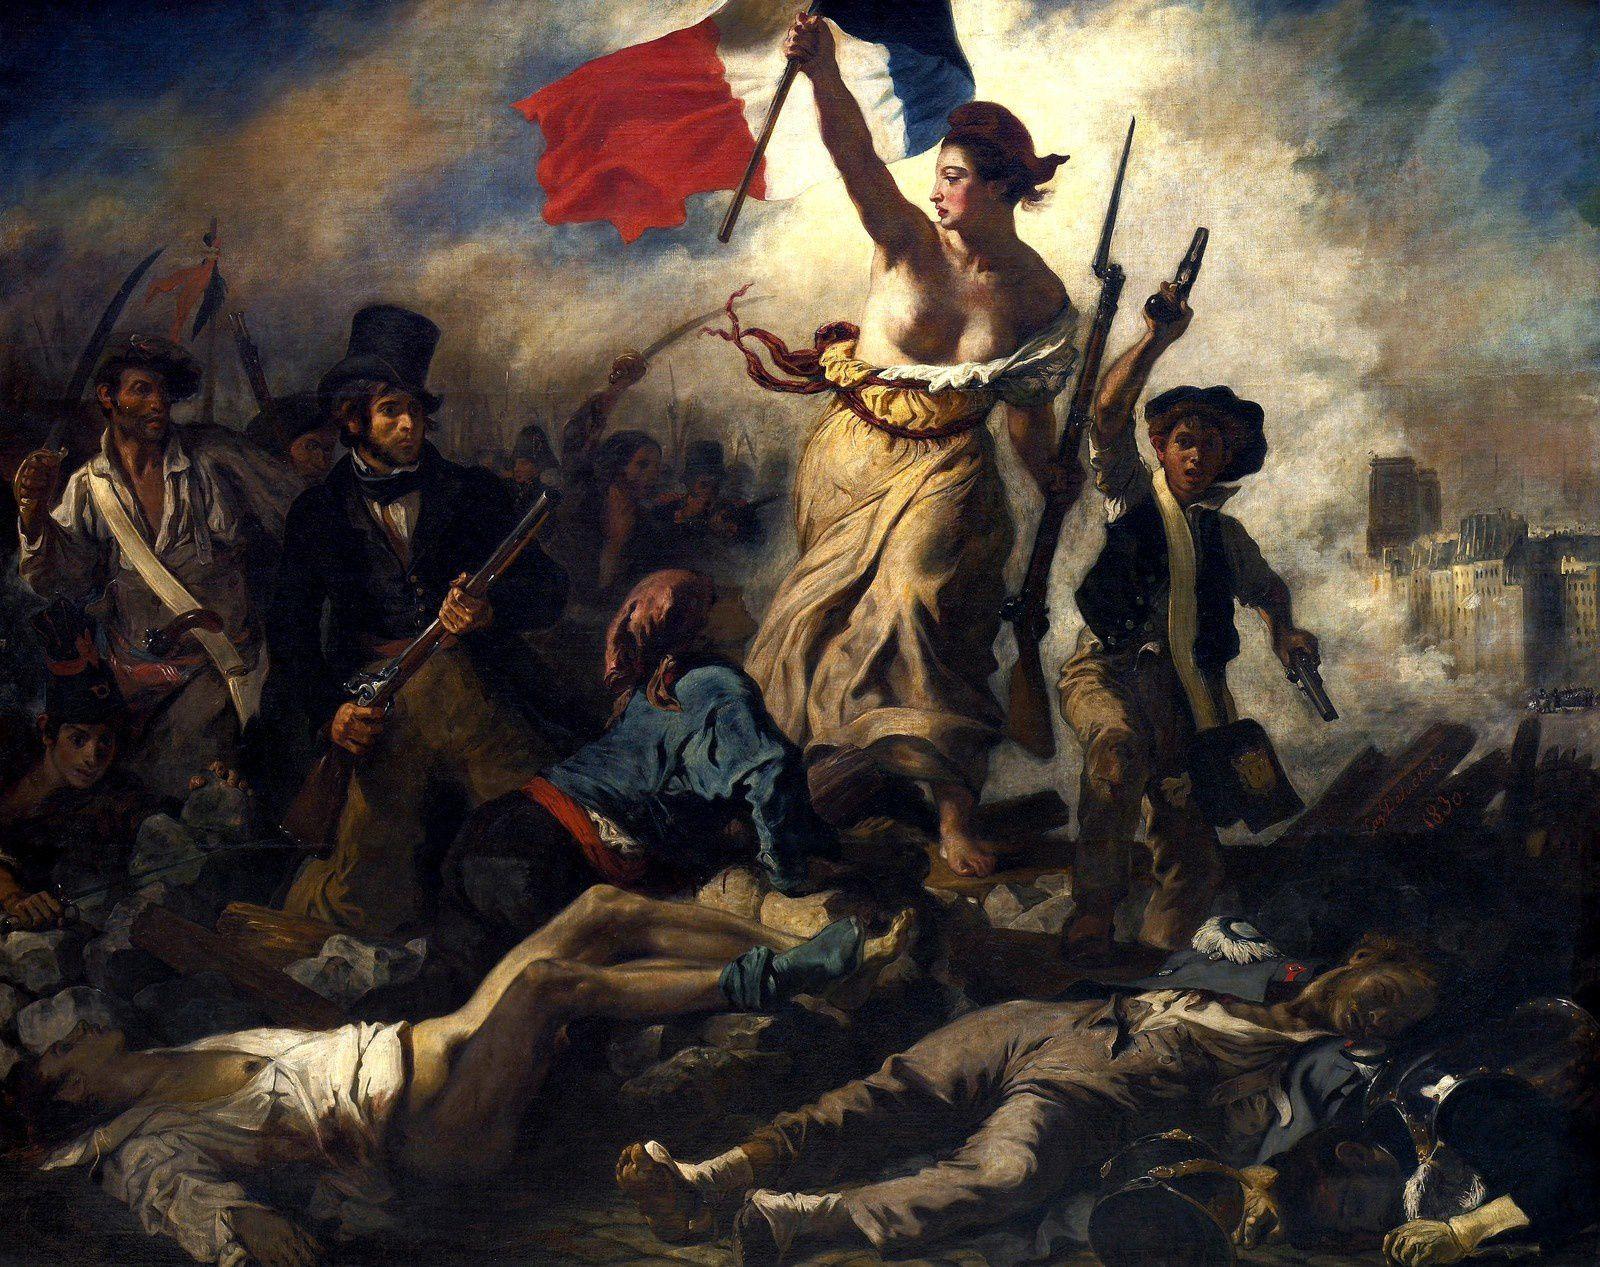 Les combats au nom de la Liberté se multiplient et inspirent Eugène Delacroix.